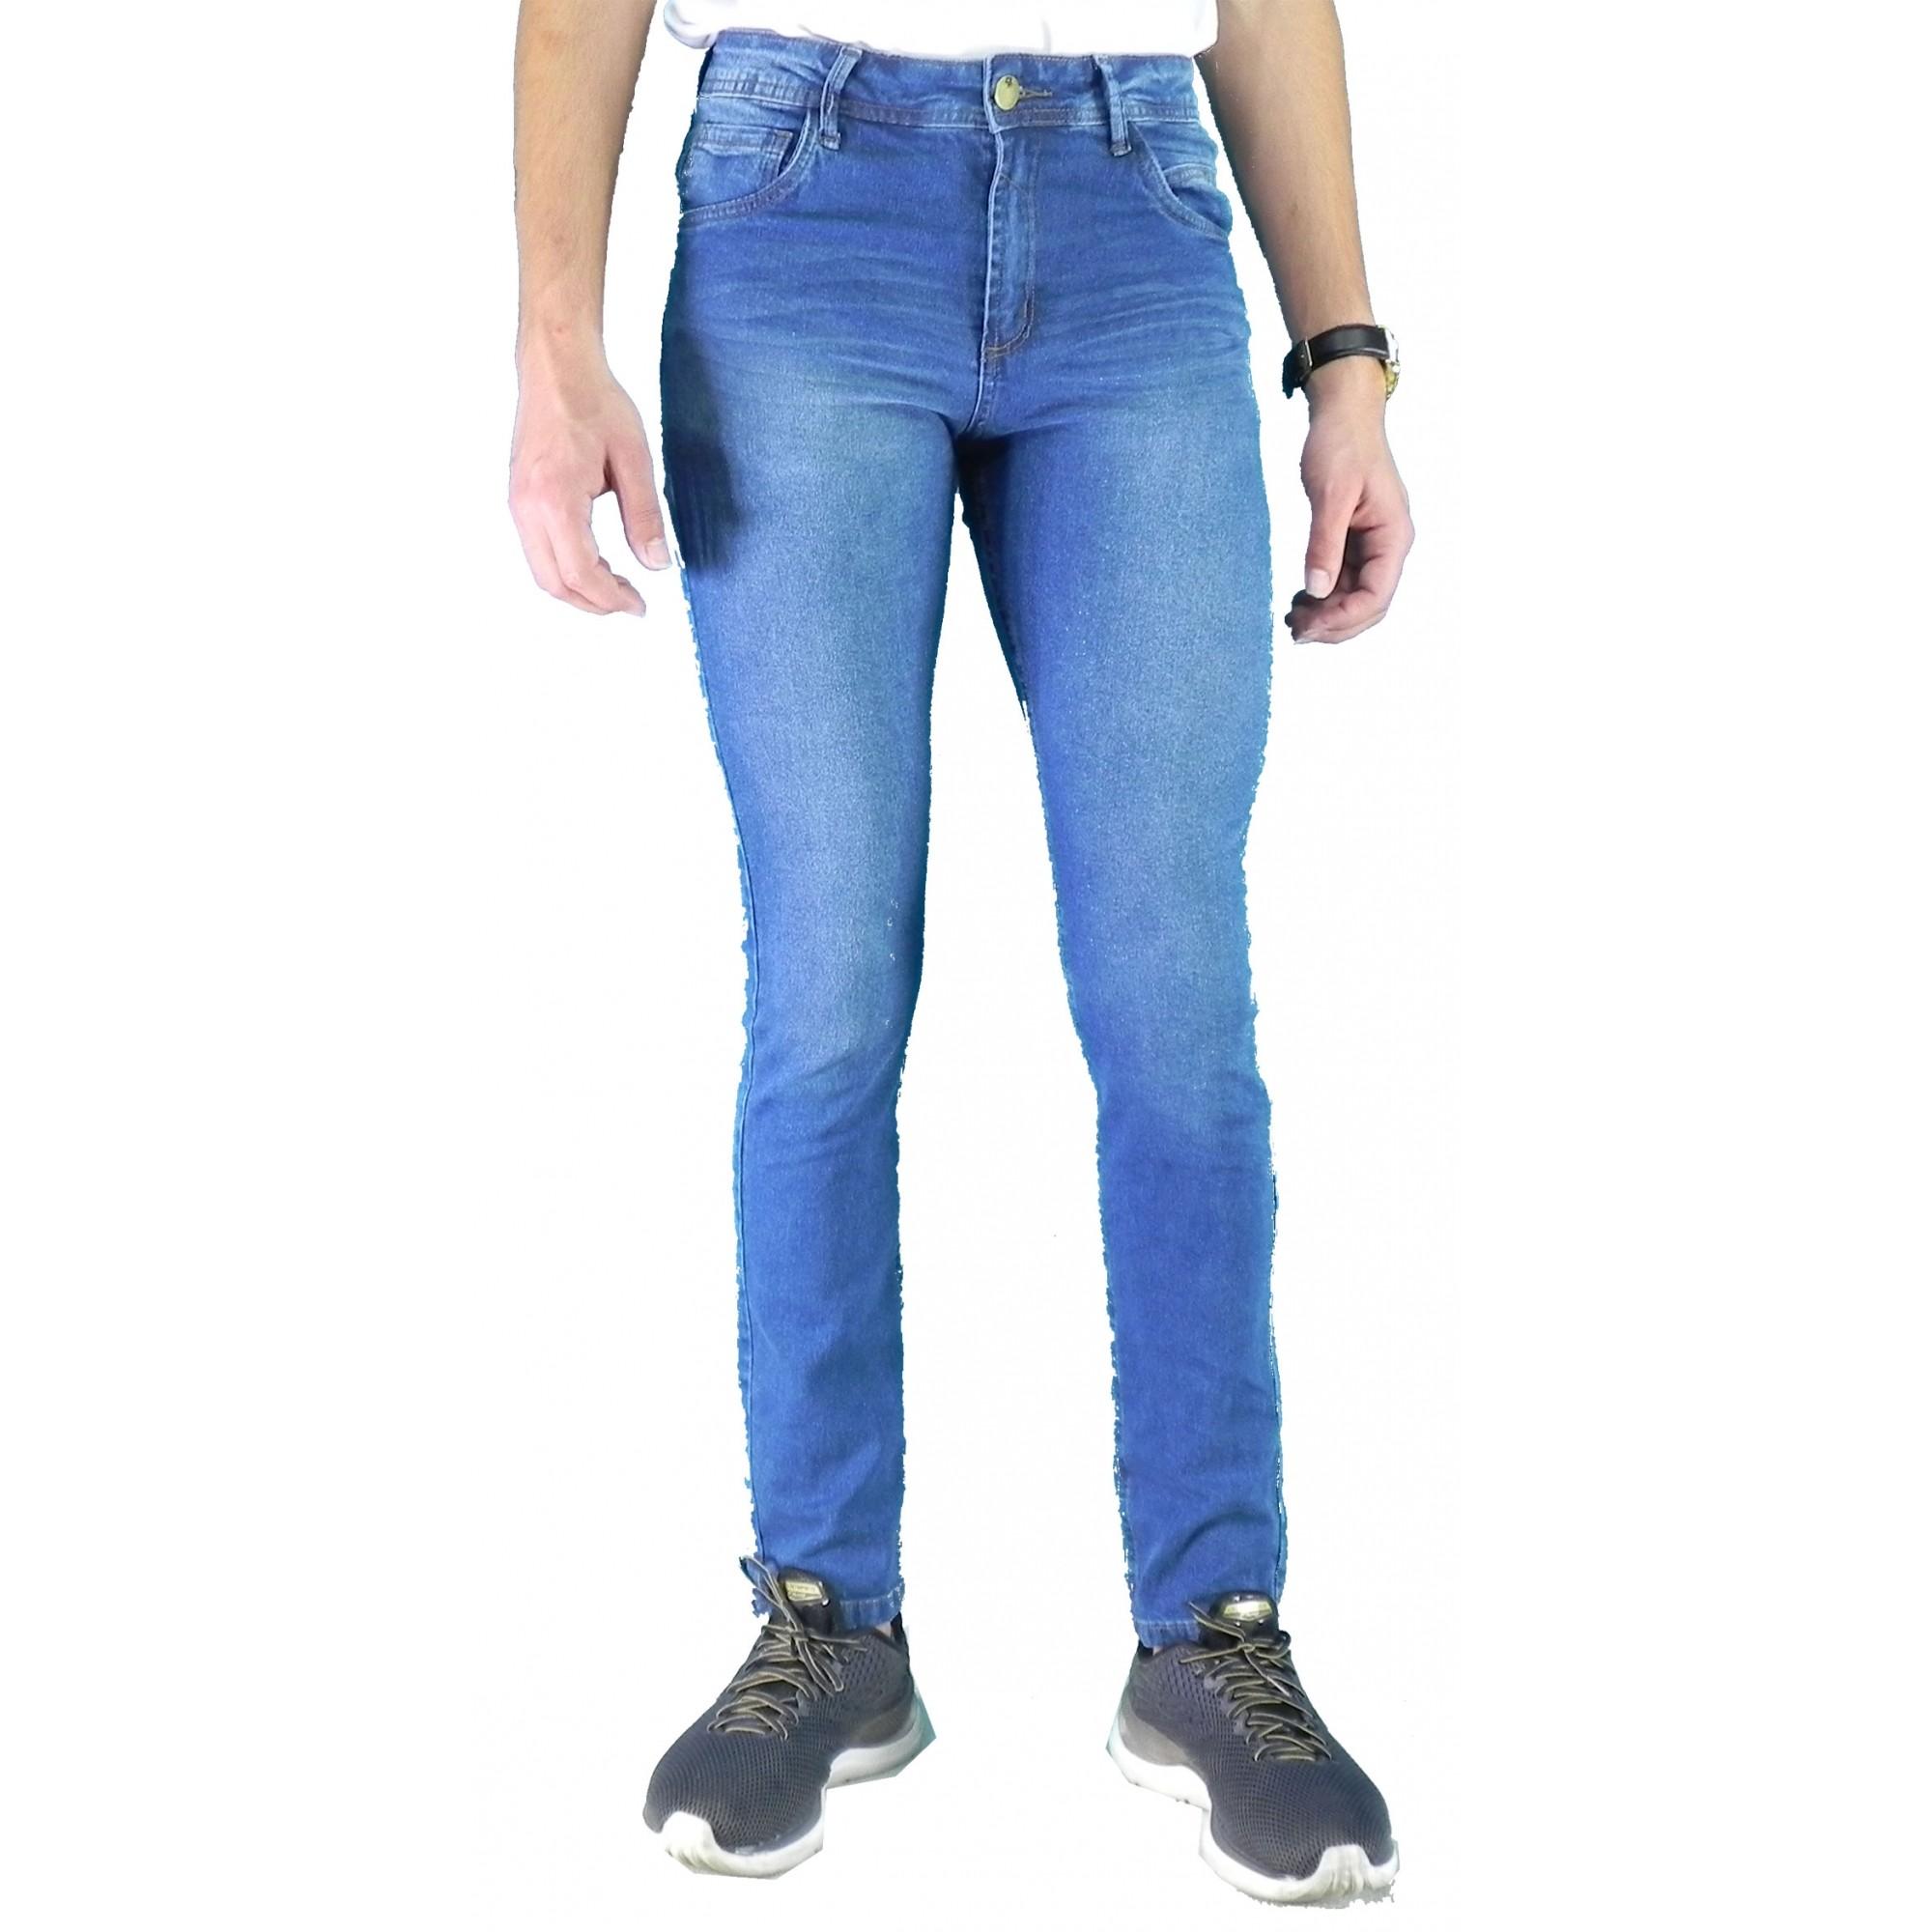 Calça Jeans Masculina Skinny Cutout Conexão